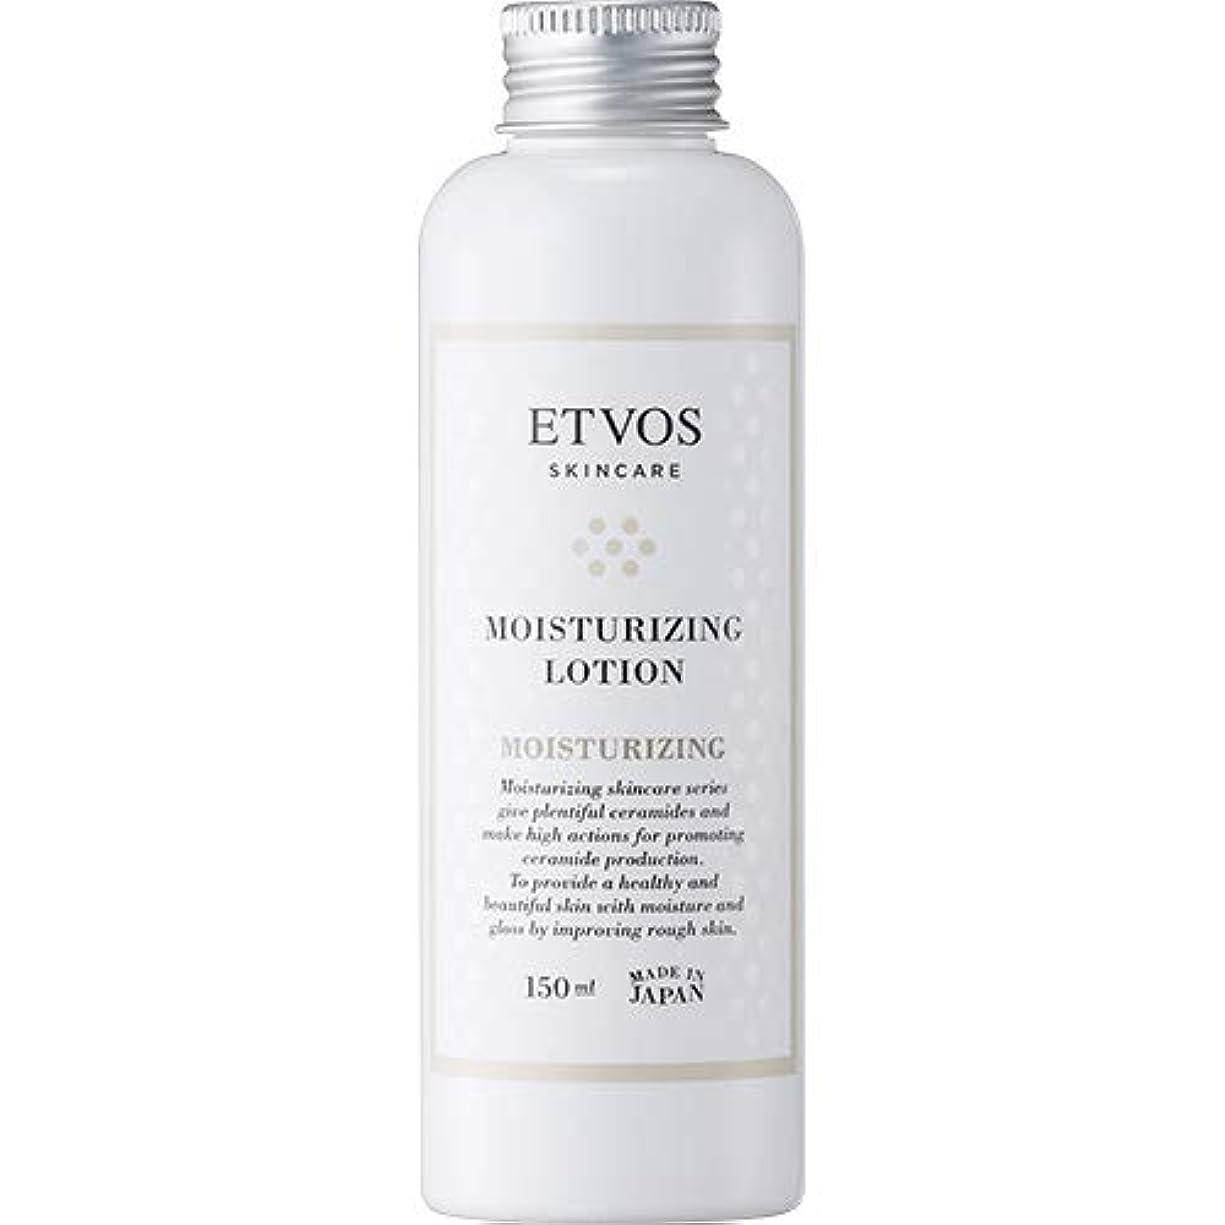 傭兵広げる動かないETVOS(エトヴォス) 保湿化粧水 モイスチャライジングローション 150ml セラミド 乾燥肌 パラベンフリー